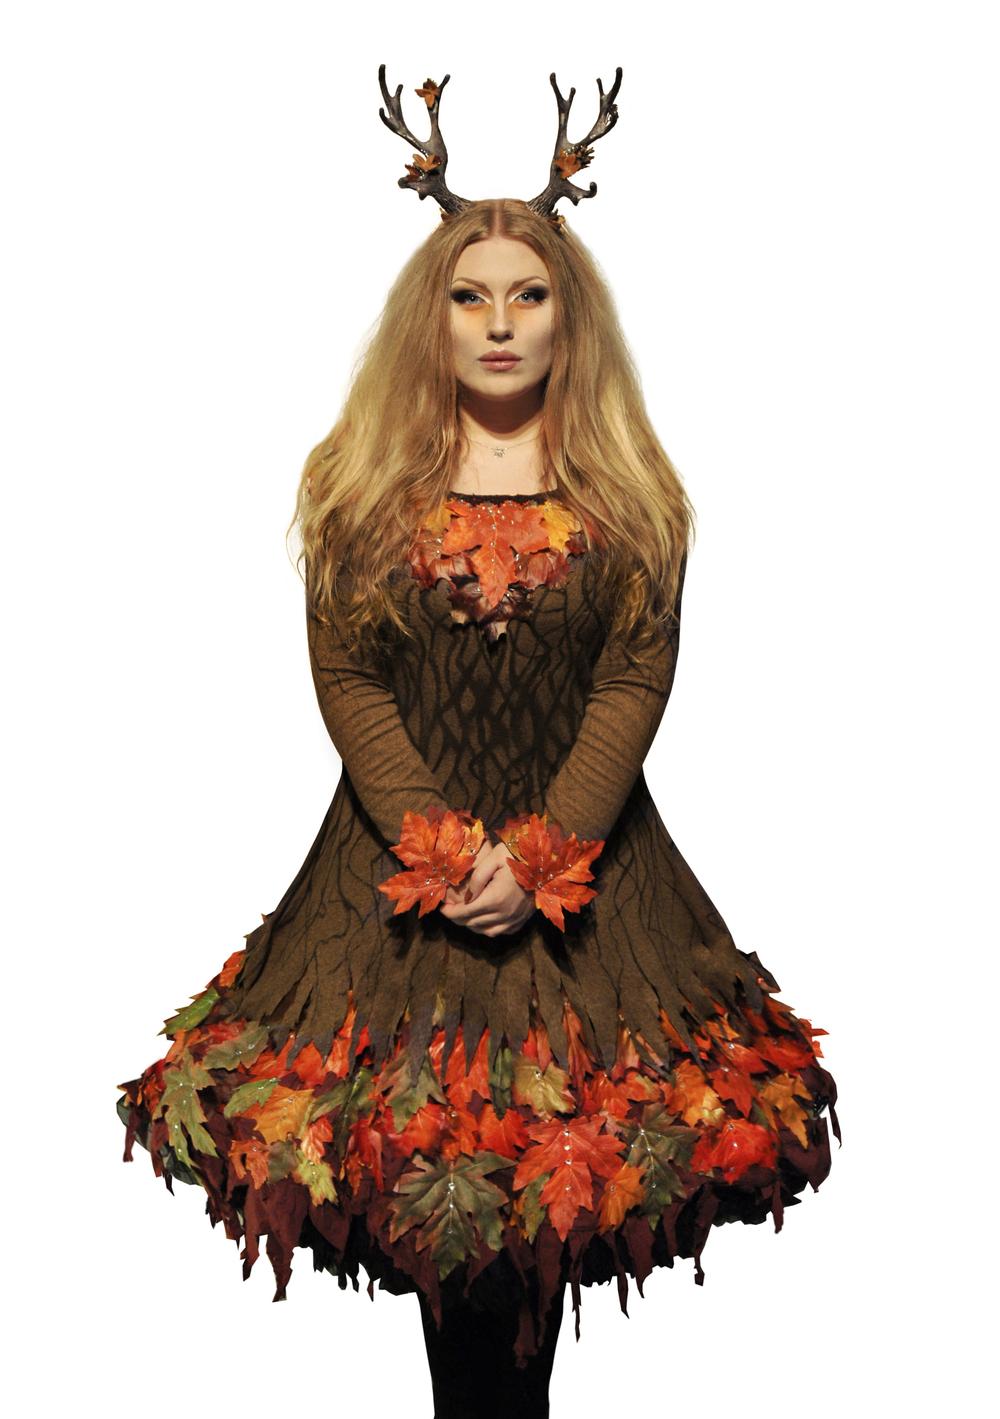 """Malin Mellryd - """"Rymenar"""" bär kronan och traditionenvidaremed Lucia i folktron akt II under Midvinterglöd 2013 - """"Norrskenets Spegel""""!Foto, makeup & modell: Malin Mellryd."""